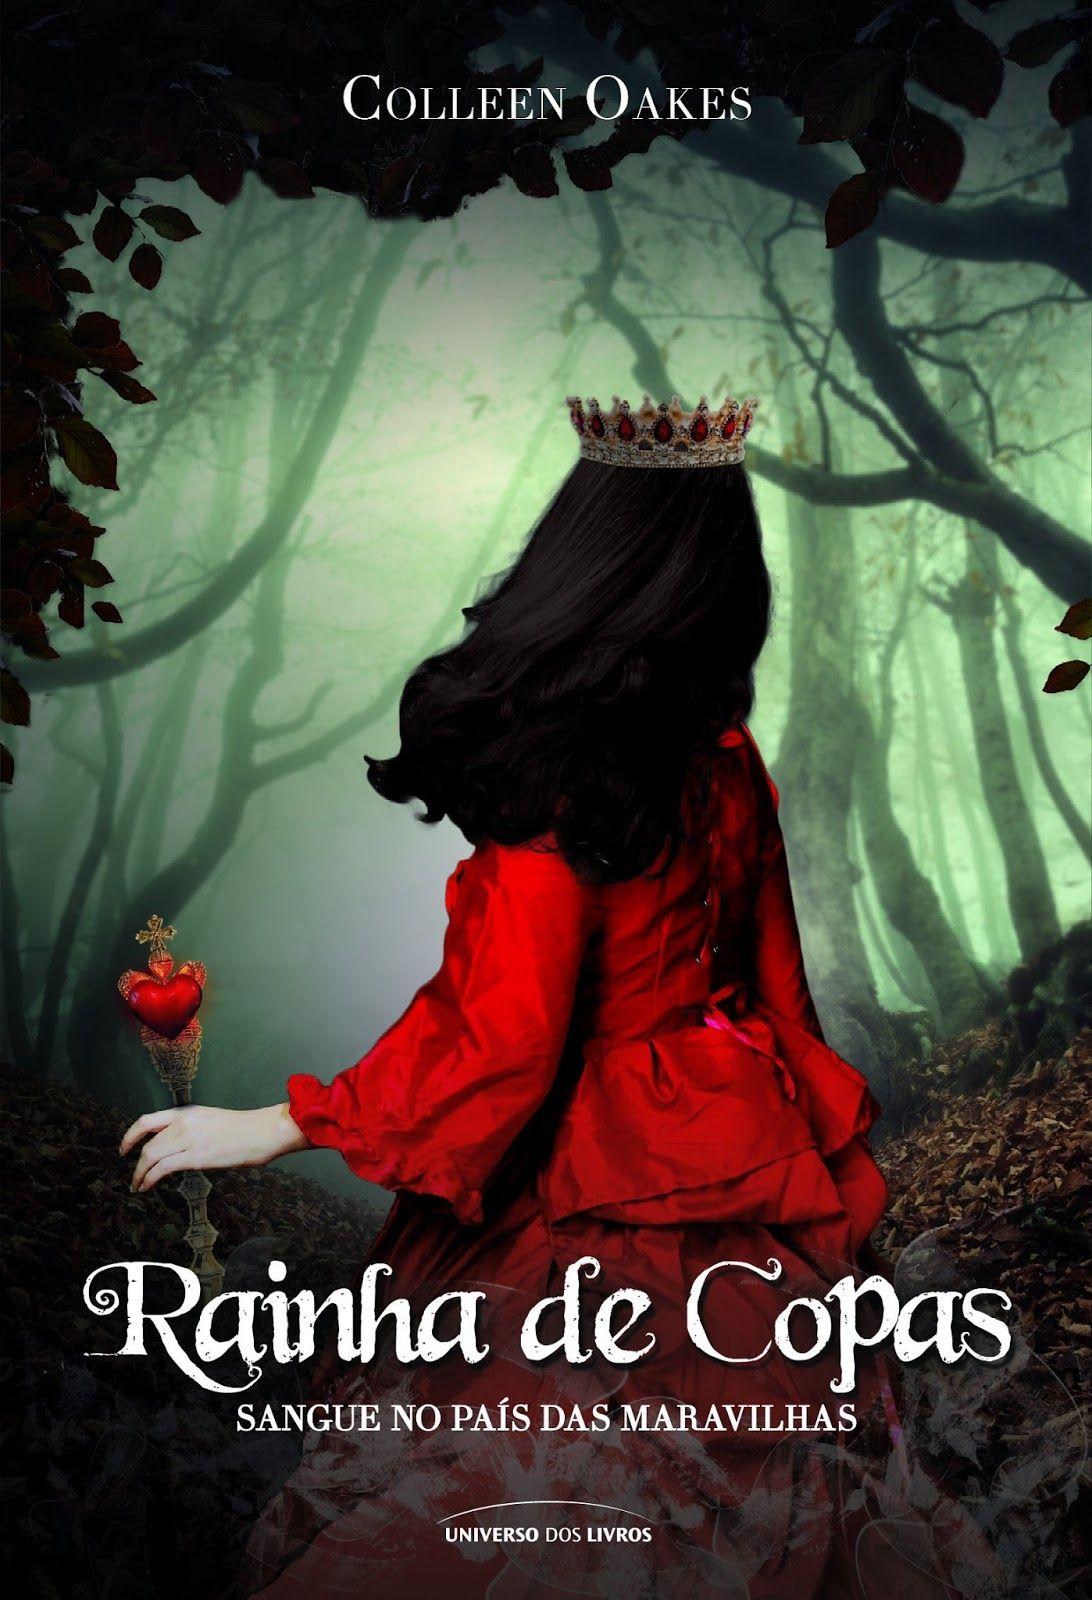 Cantinho da Leitura: Universo dos Livros lançará em Janeiro, Sangue nos País das Maravilhas(Saga Rainha de Copas - Vol.2), Colleen Oakes